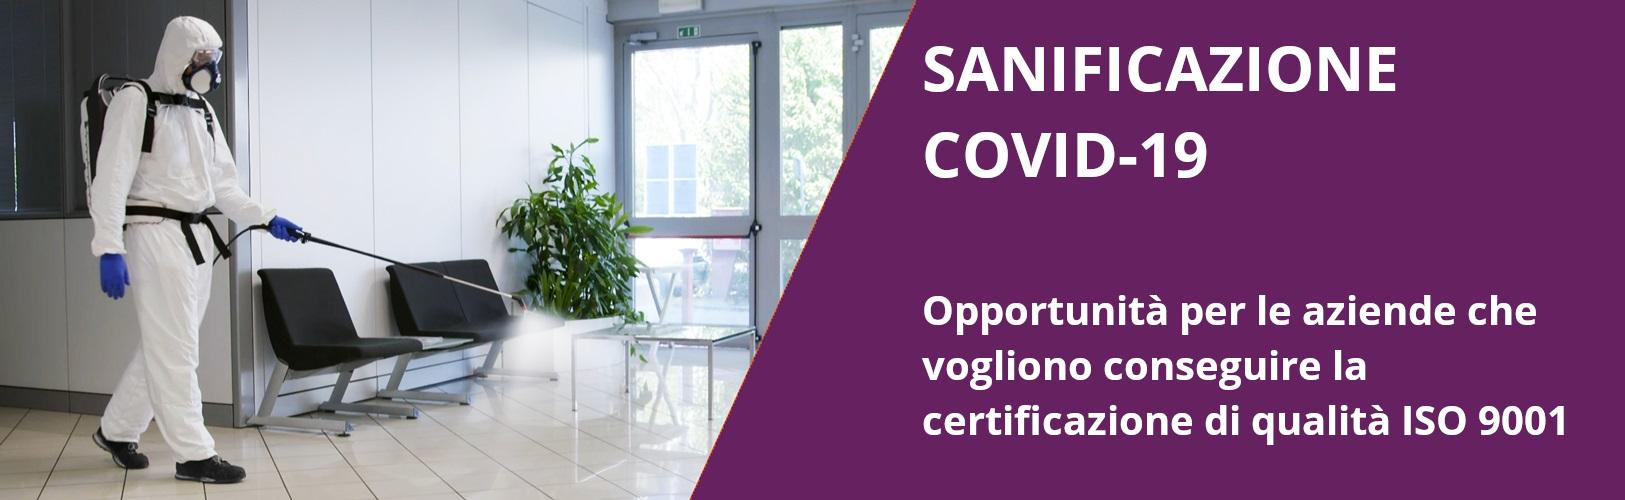 Aziende di sanificazione - Qualità ISO 9001